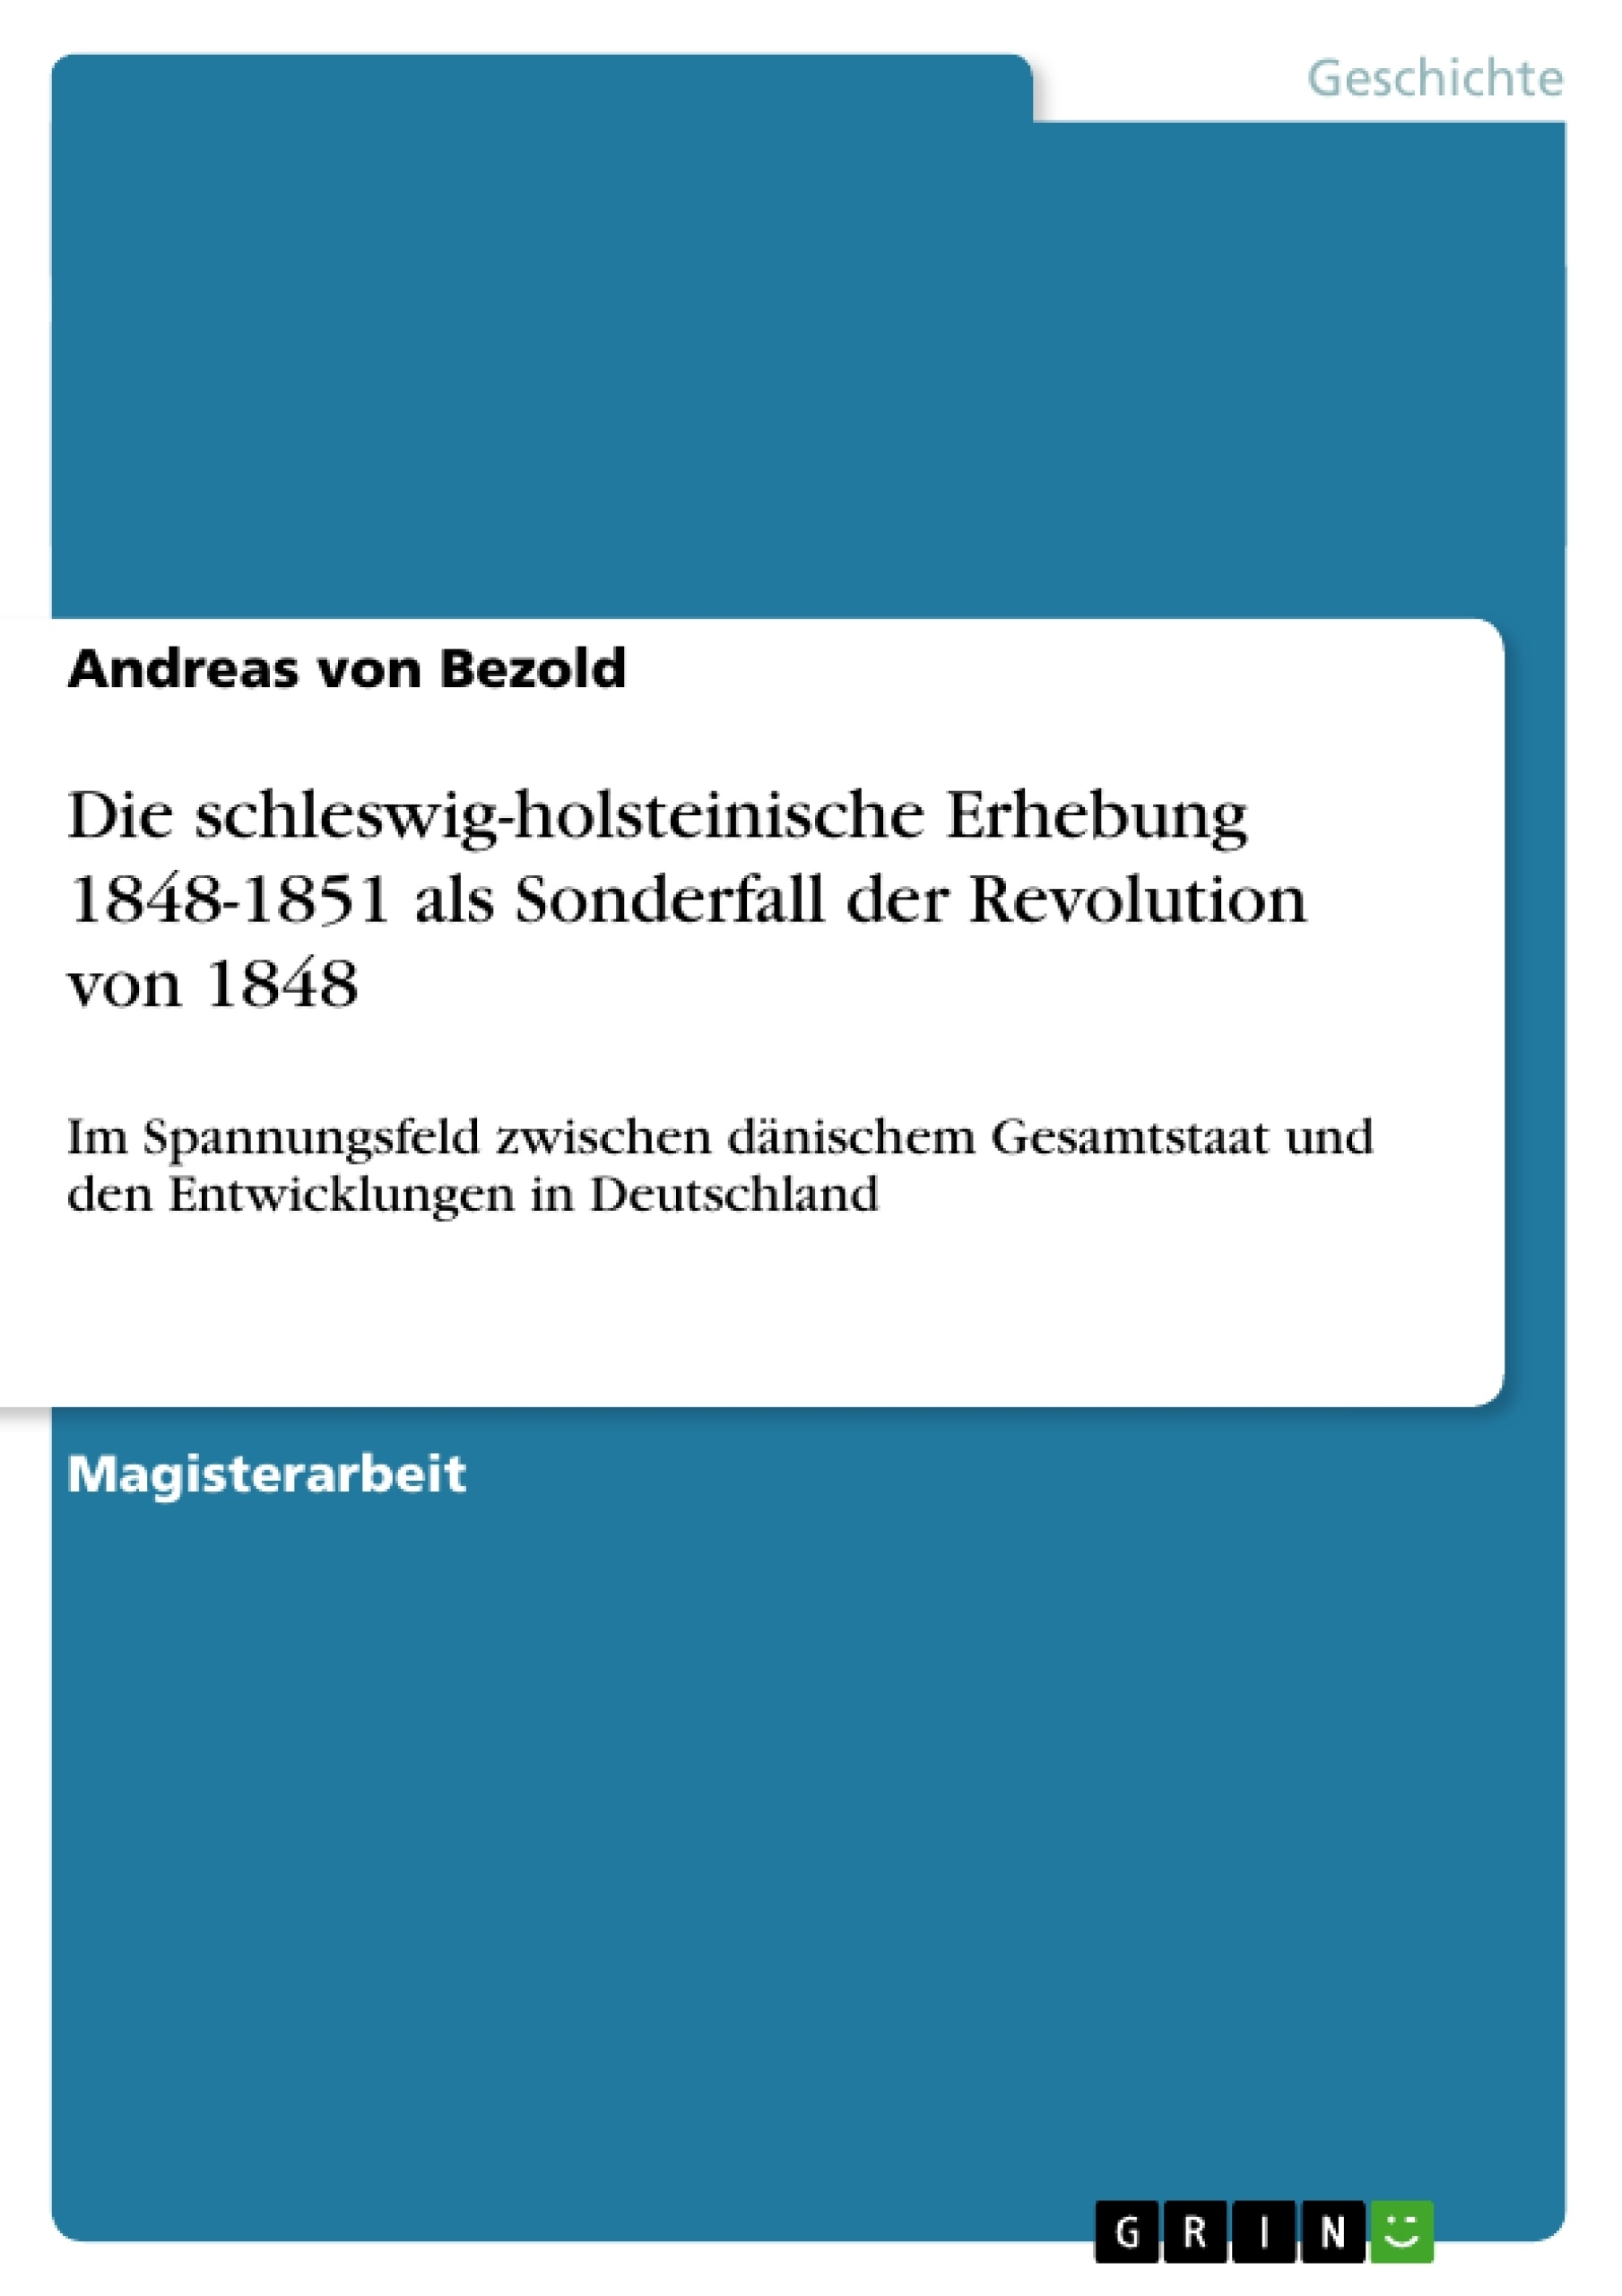 Titel: Die schleswig-holsteinische Erhebung 1848-1851 als Sonderfall der Revolution von 1848